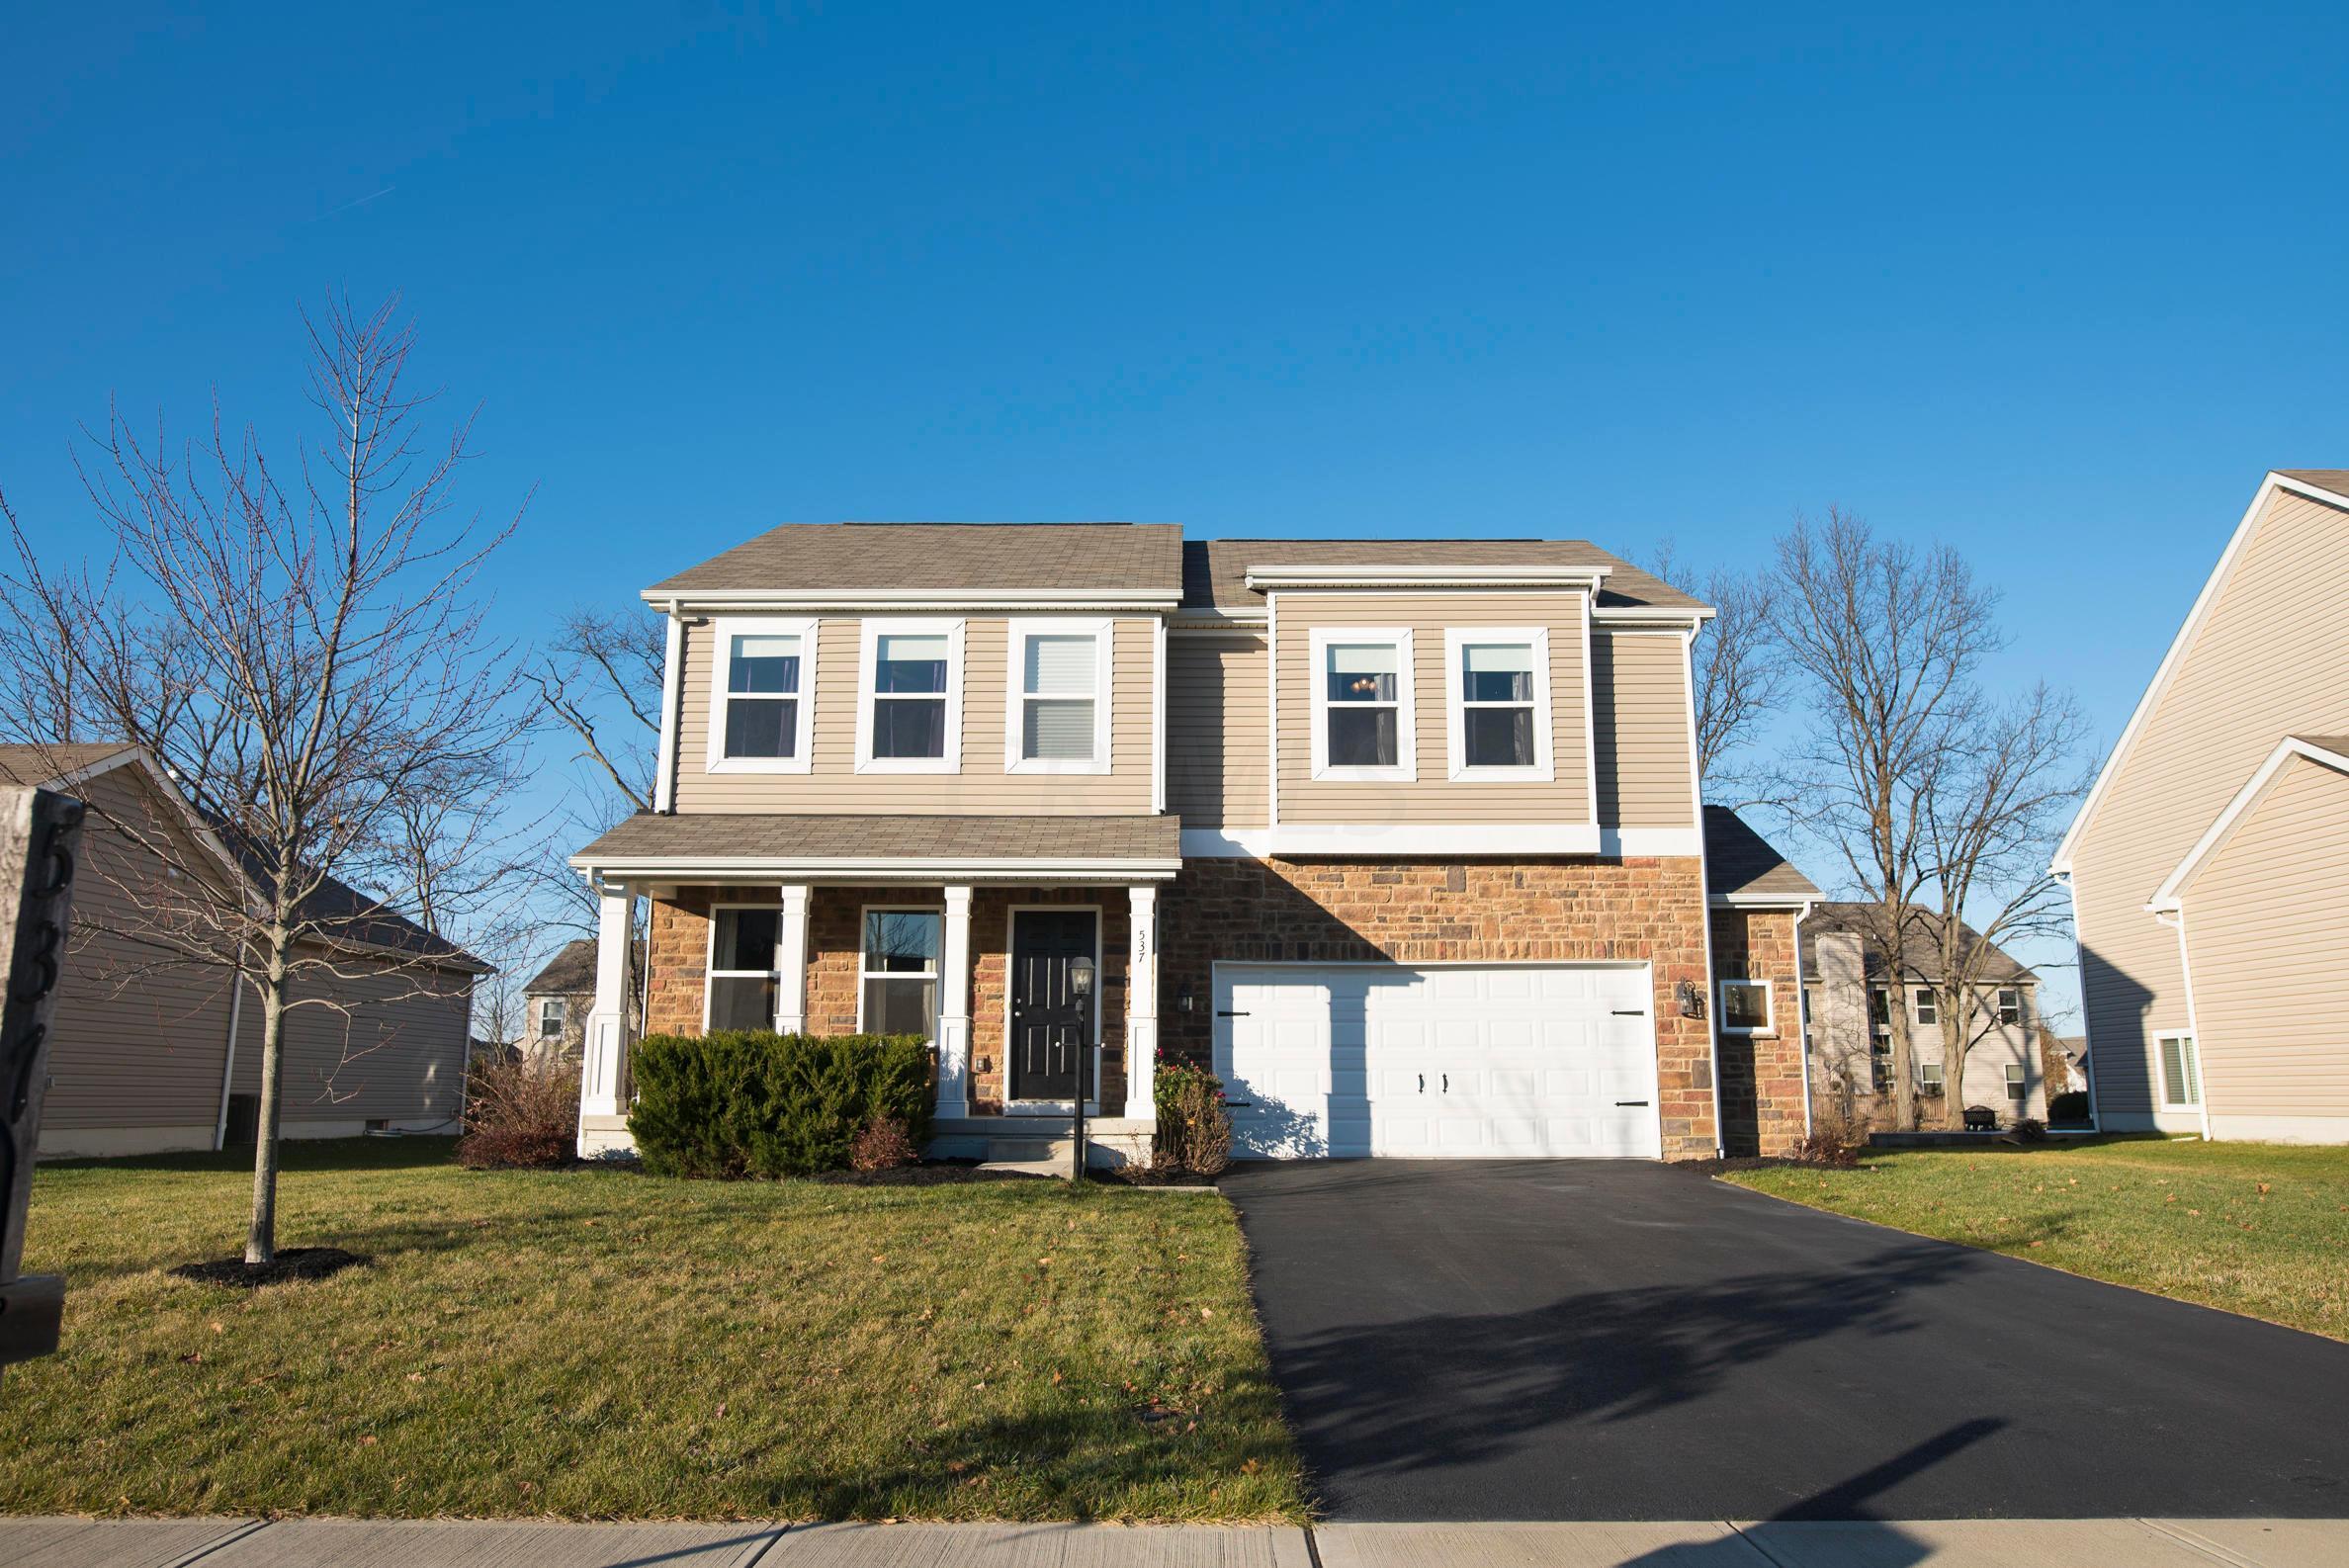 537 Buena Park Drive, Delaware, Ohio 43015, 4 Bedrooms Bedrooms, ,4 BathroomsBathrooms,Residential,For Sale,Buena Park,220041002